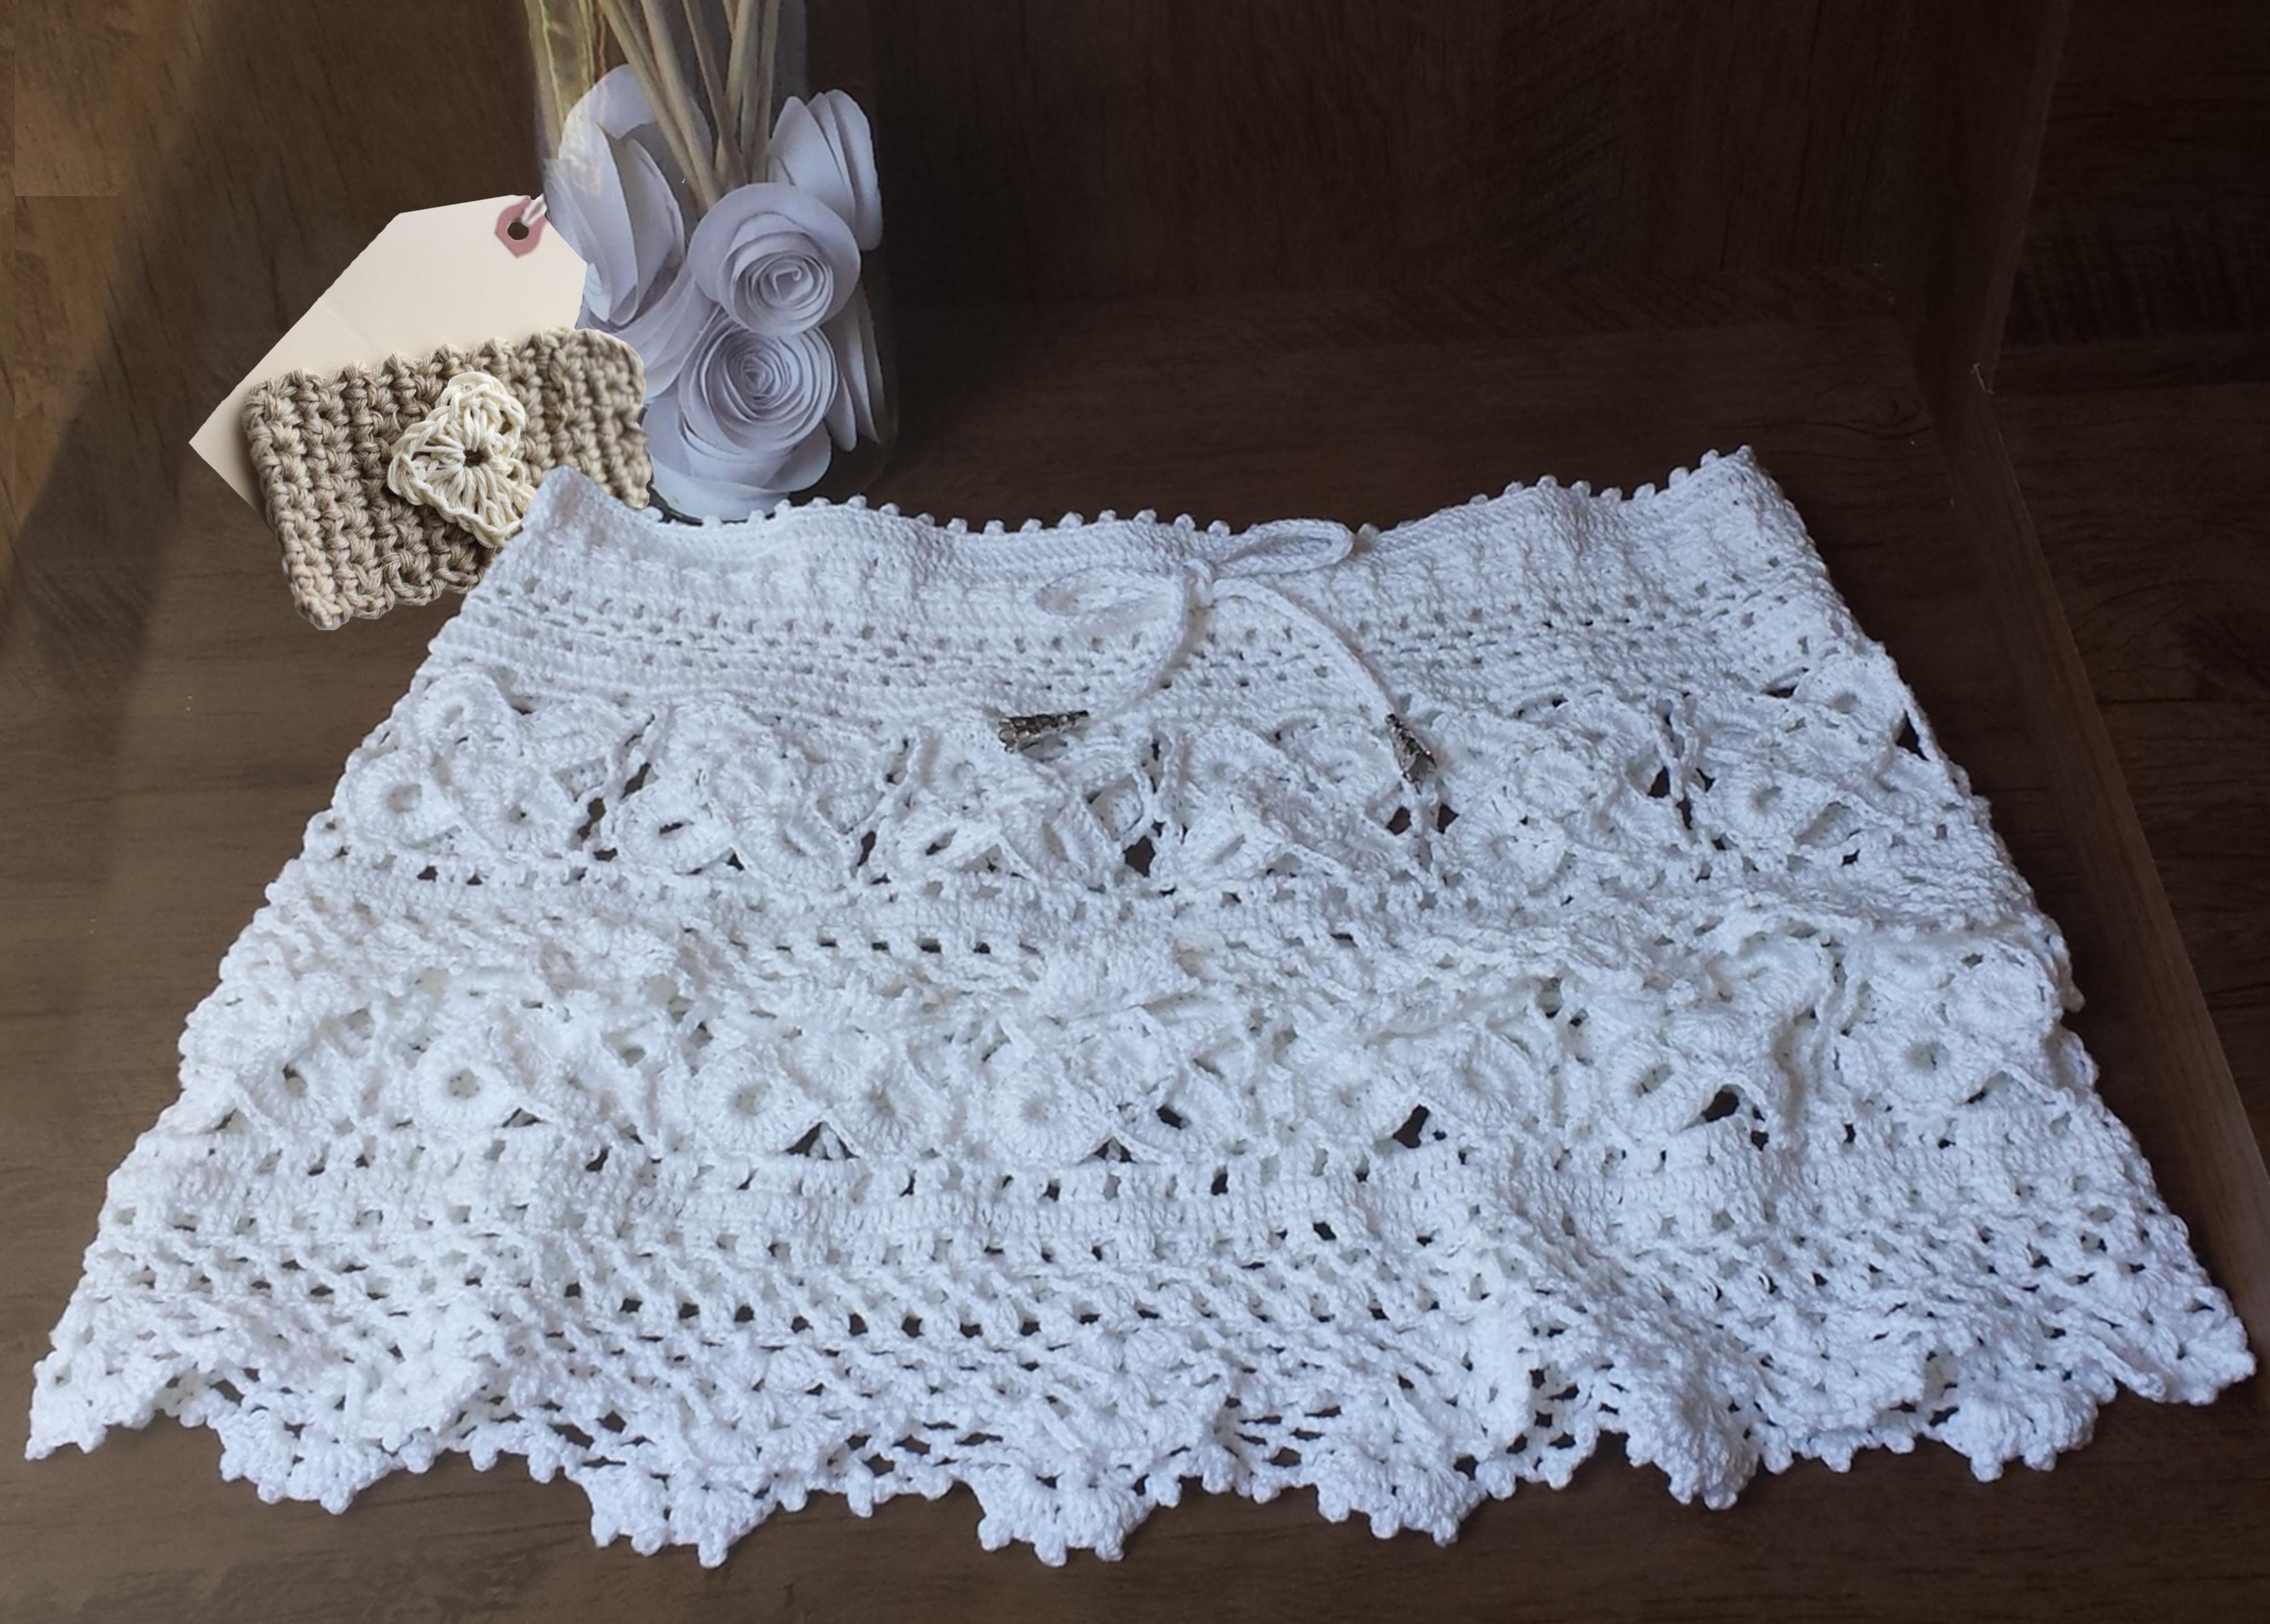 ed886274e67947 SAIDA EM CROCHÊ COM FLOR - SQUARE no Elo7 | Knit and Crochet by Sissy  Monturil (4DDAC9)